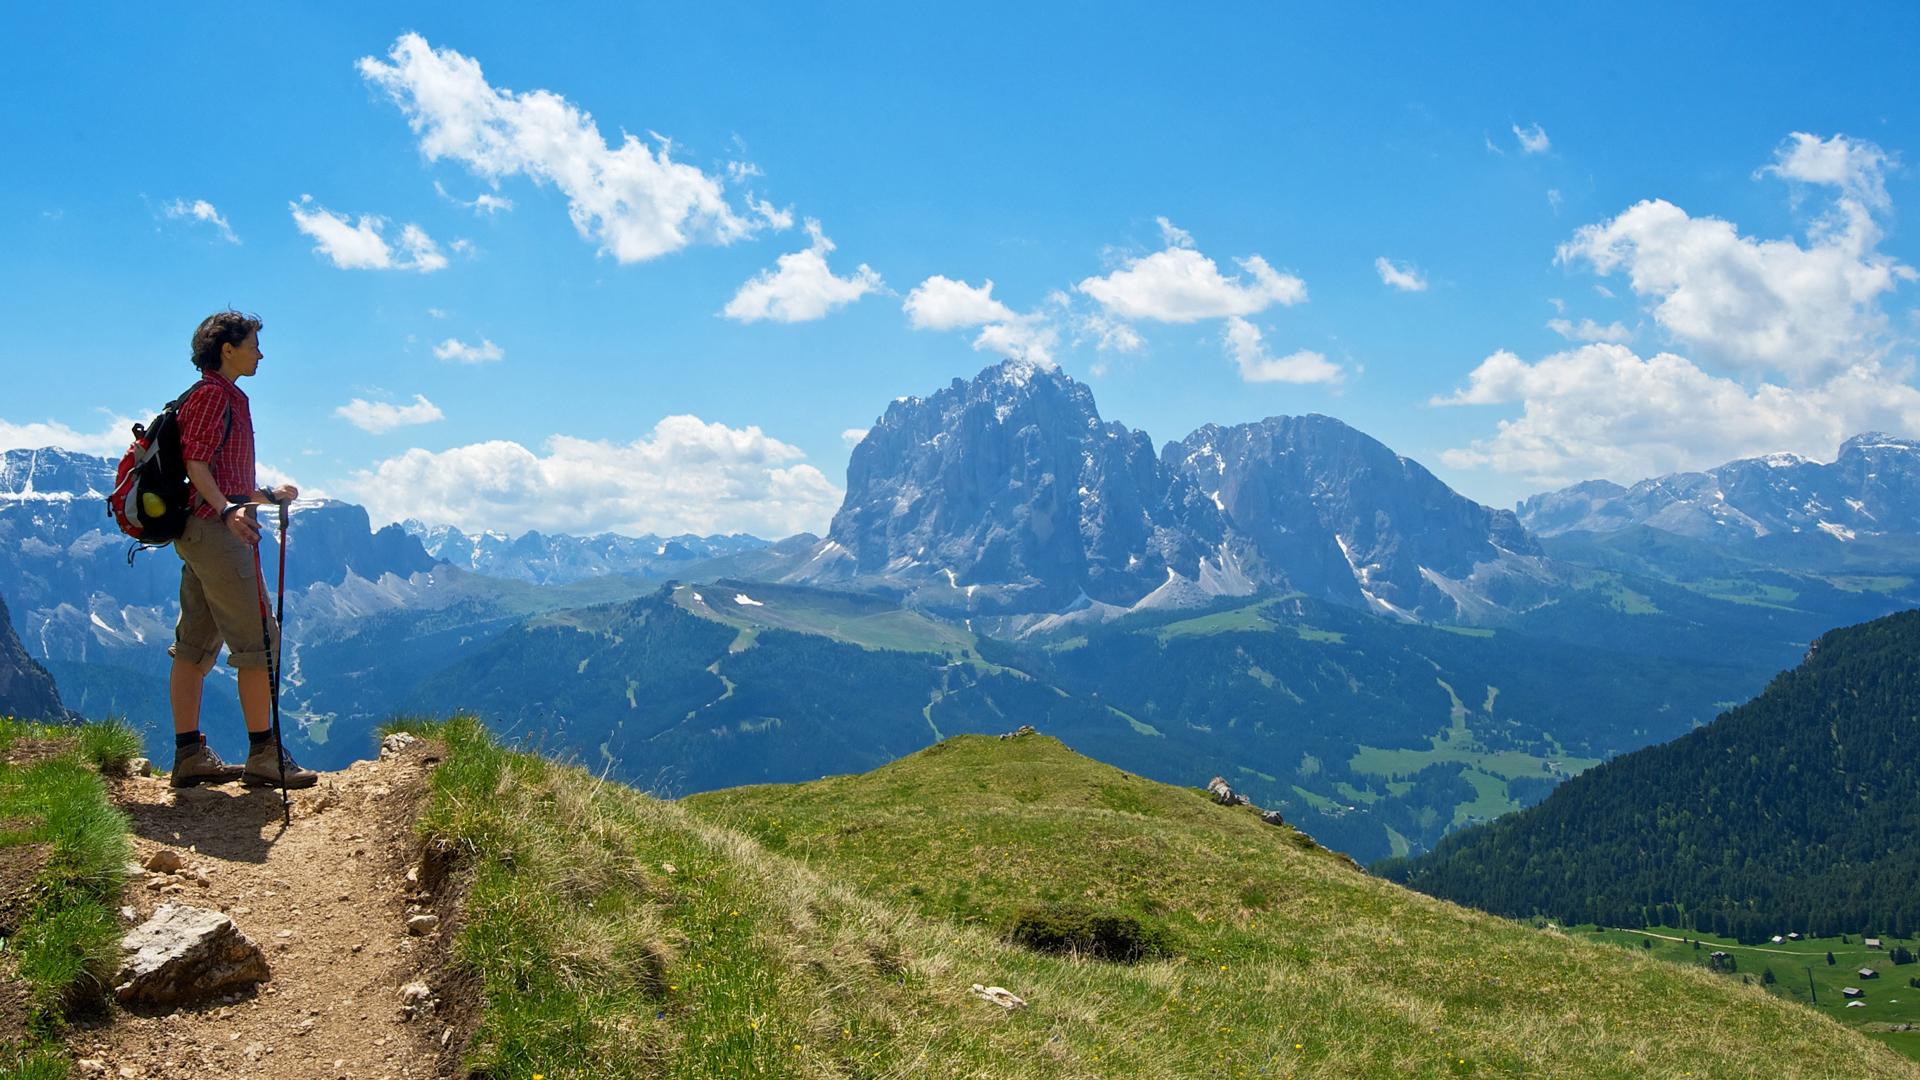 Inspirez-vous pour vos vacances d'été à la montagne - moteur d'inspiration - CGH Résidences